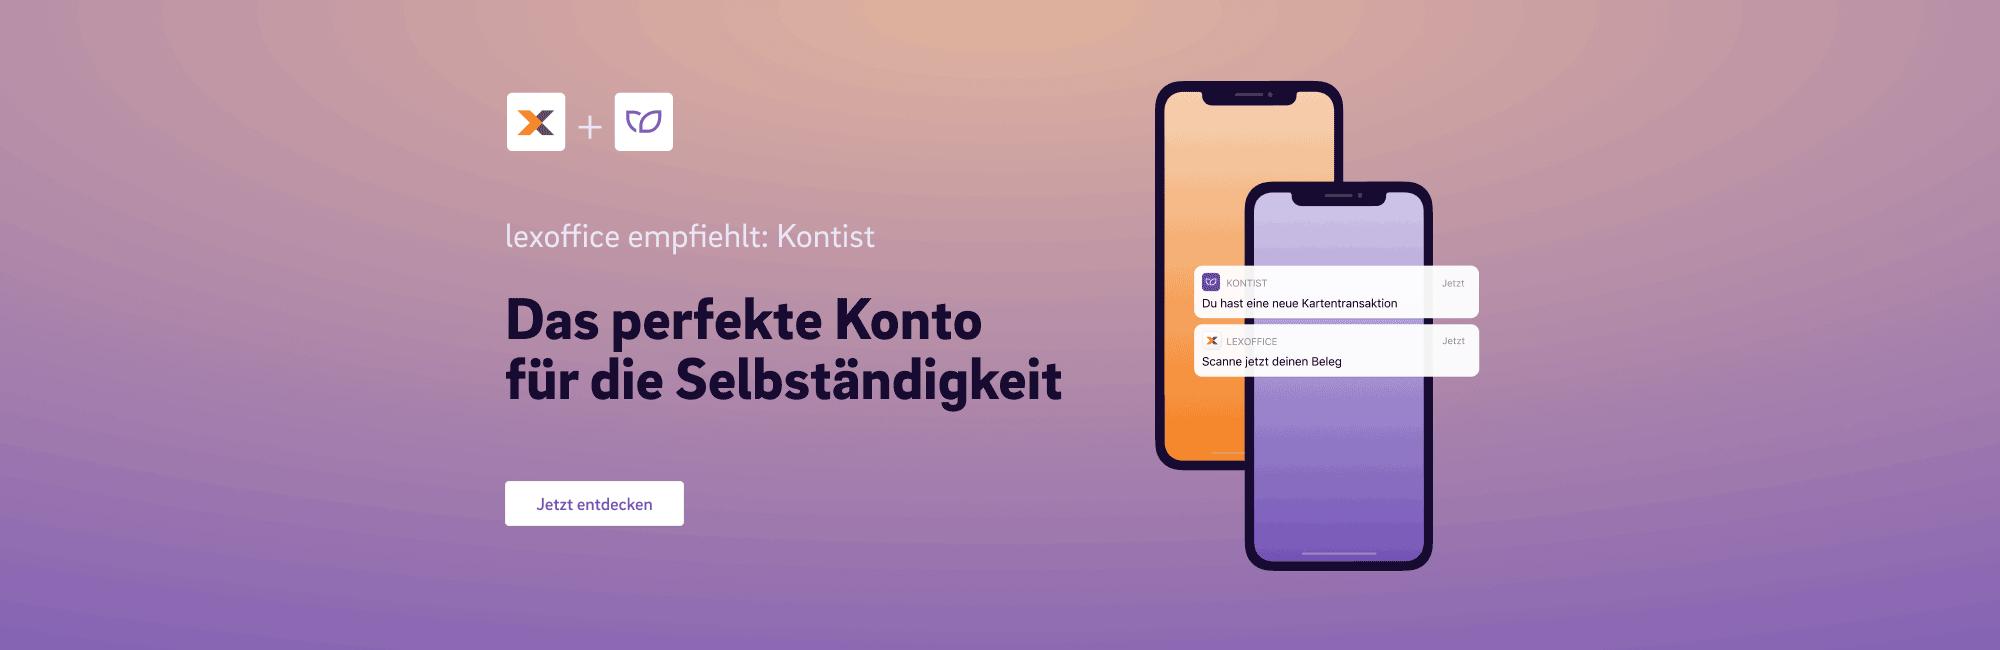 lexoffice empfiehlt Kontist